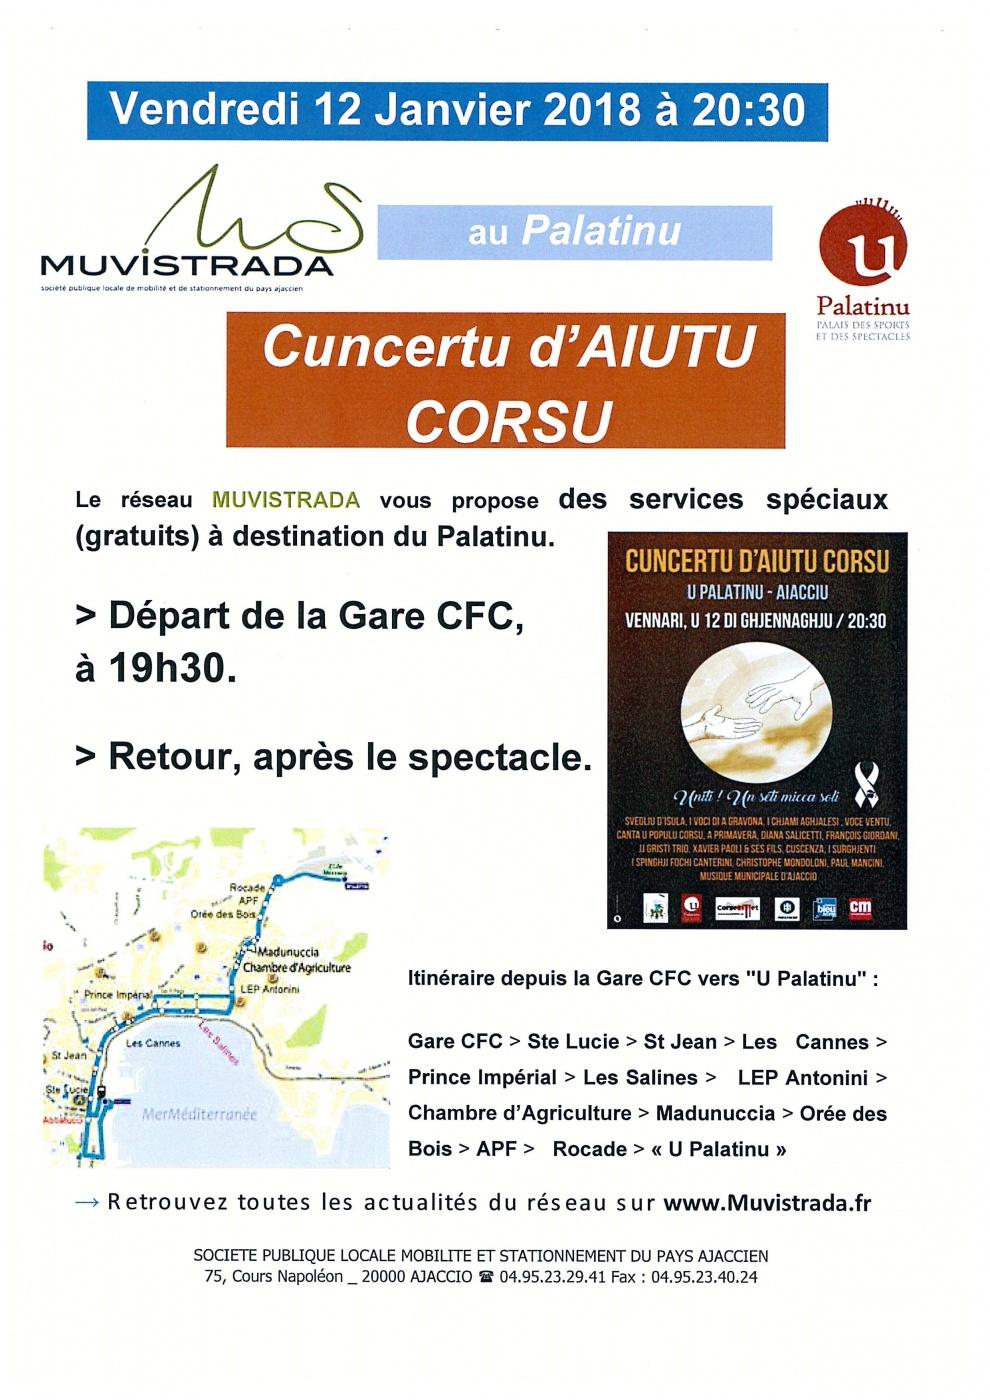 Concertu d'Aiutu Corsu au profit des sinistrés des incendies vendredi 12 janvier 20h30 au Palatinu